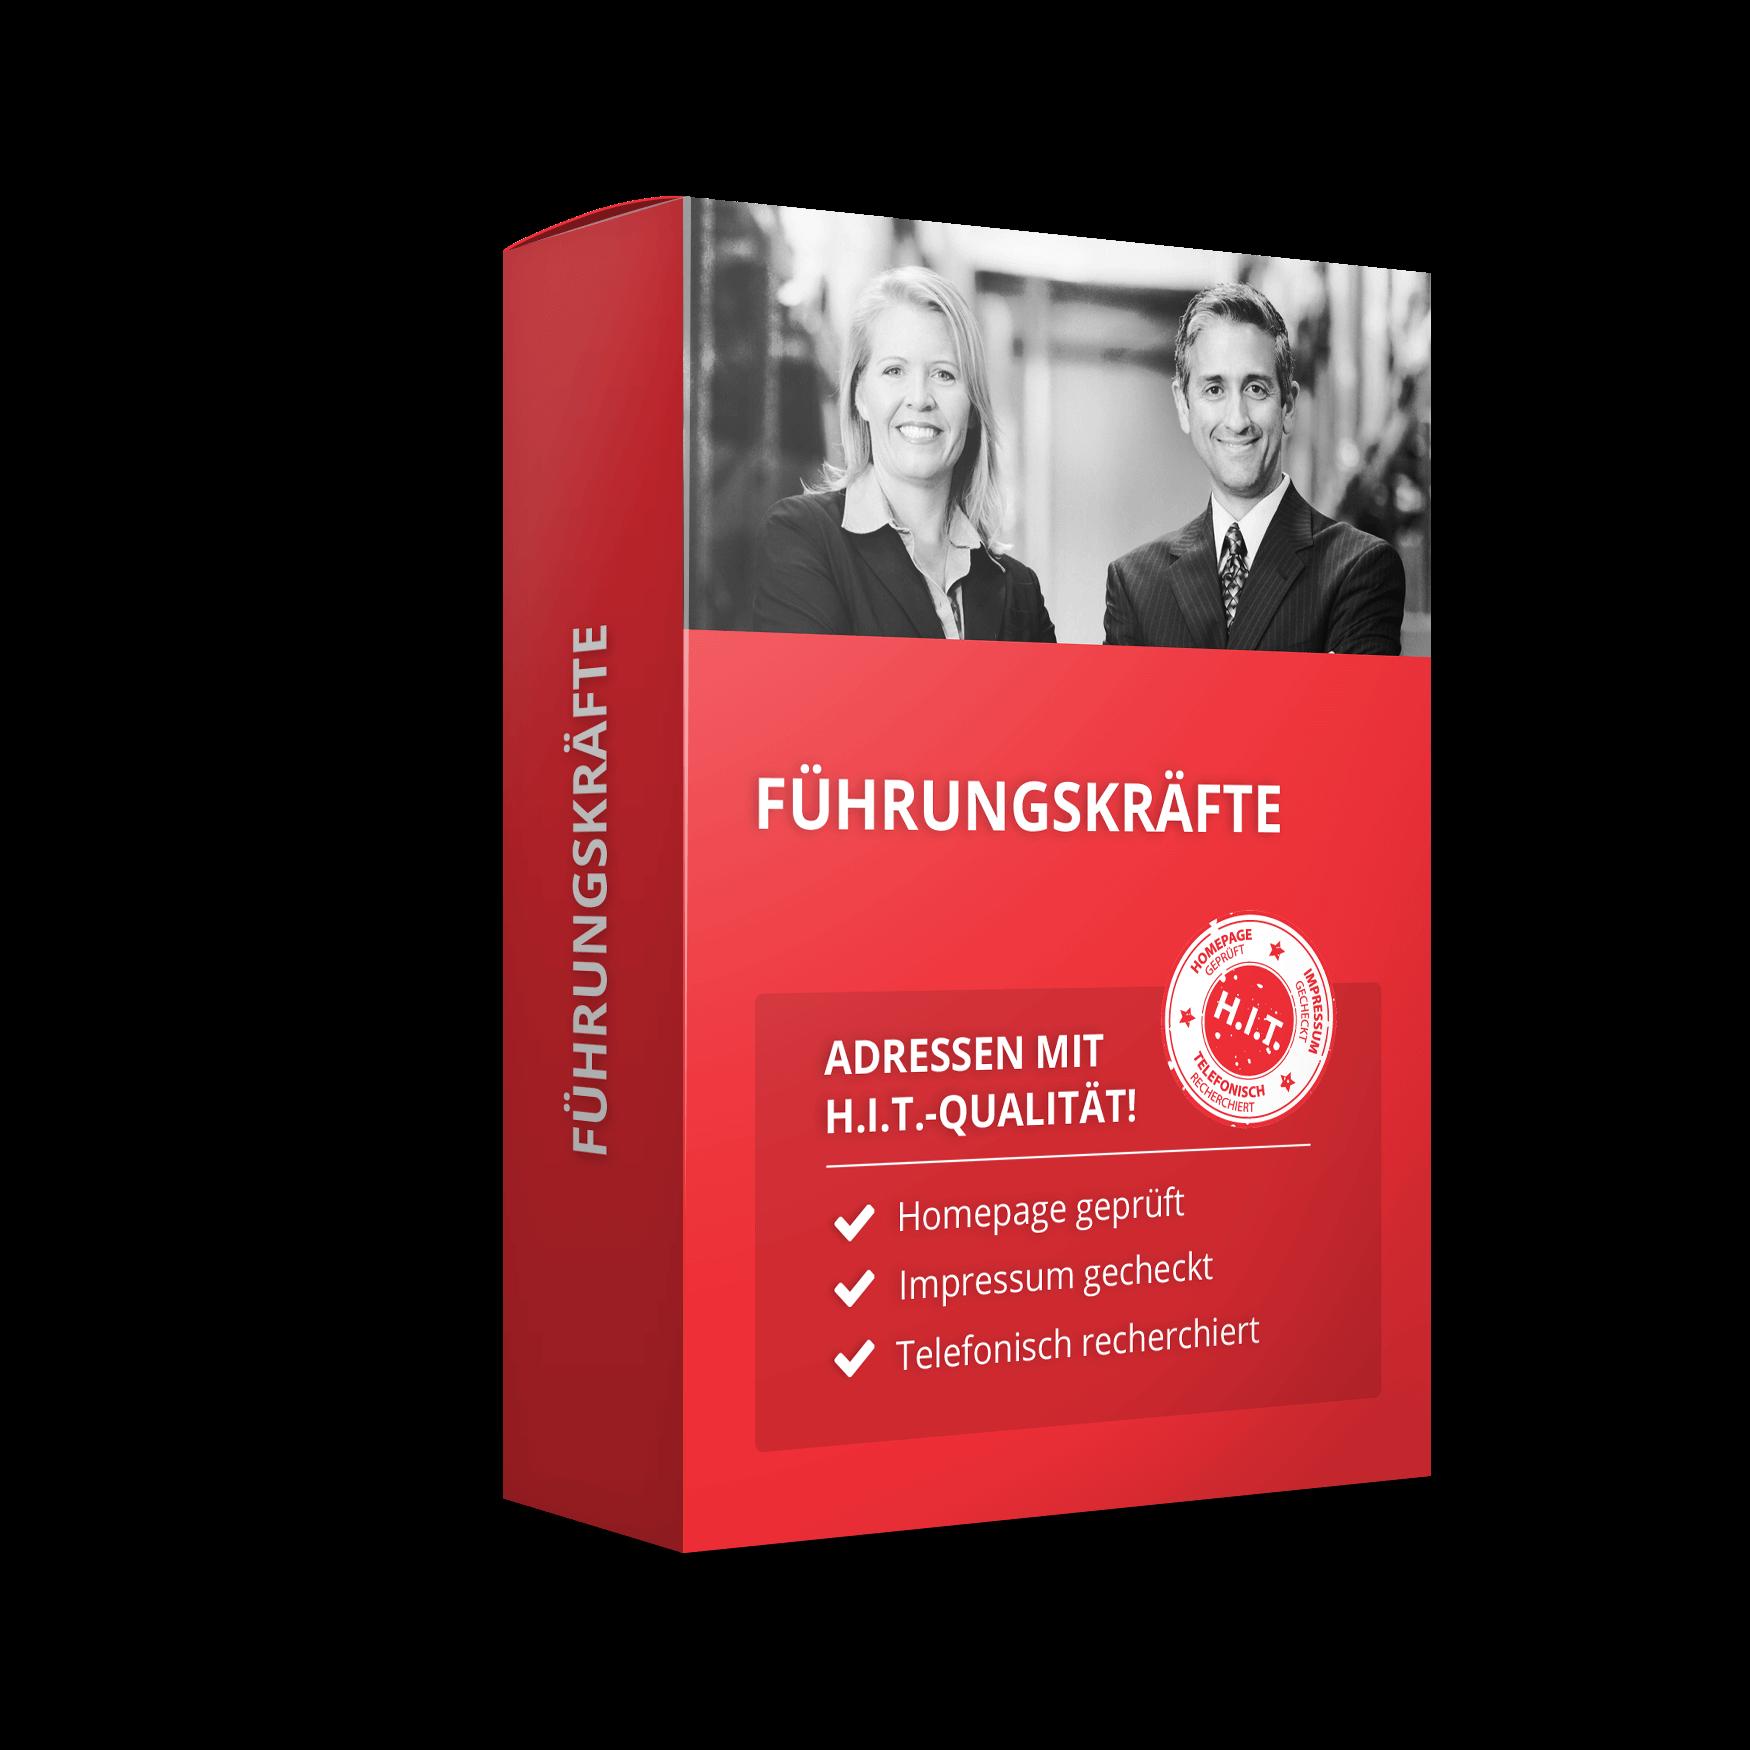 Darstellung einer roten Schachtel mit dem Titel Führungskräfte